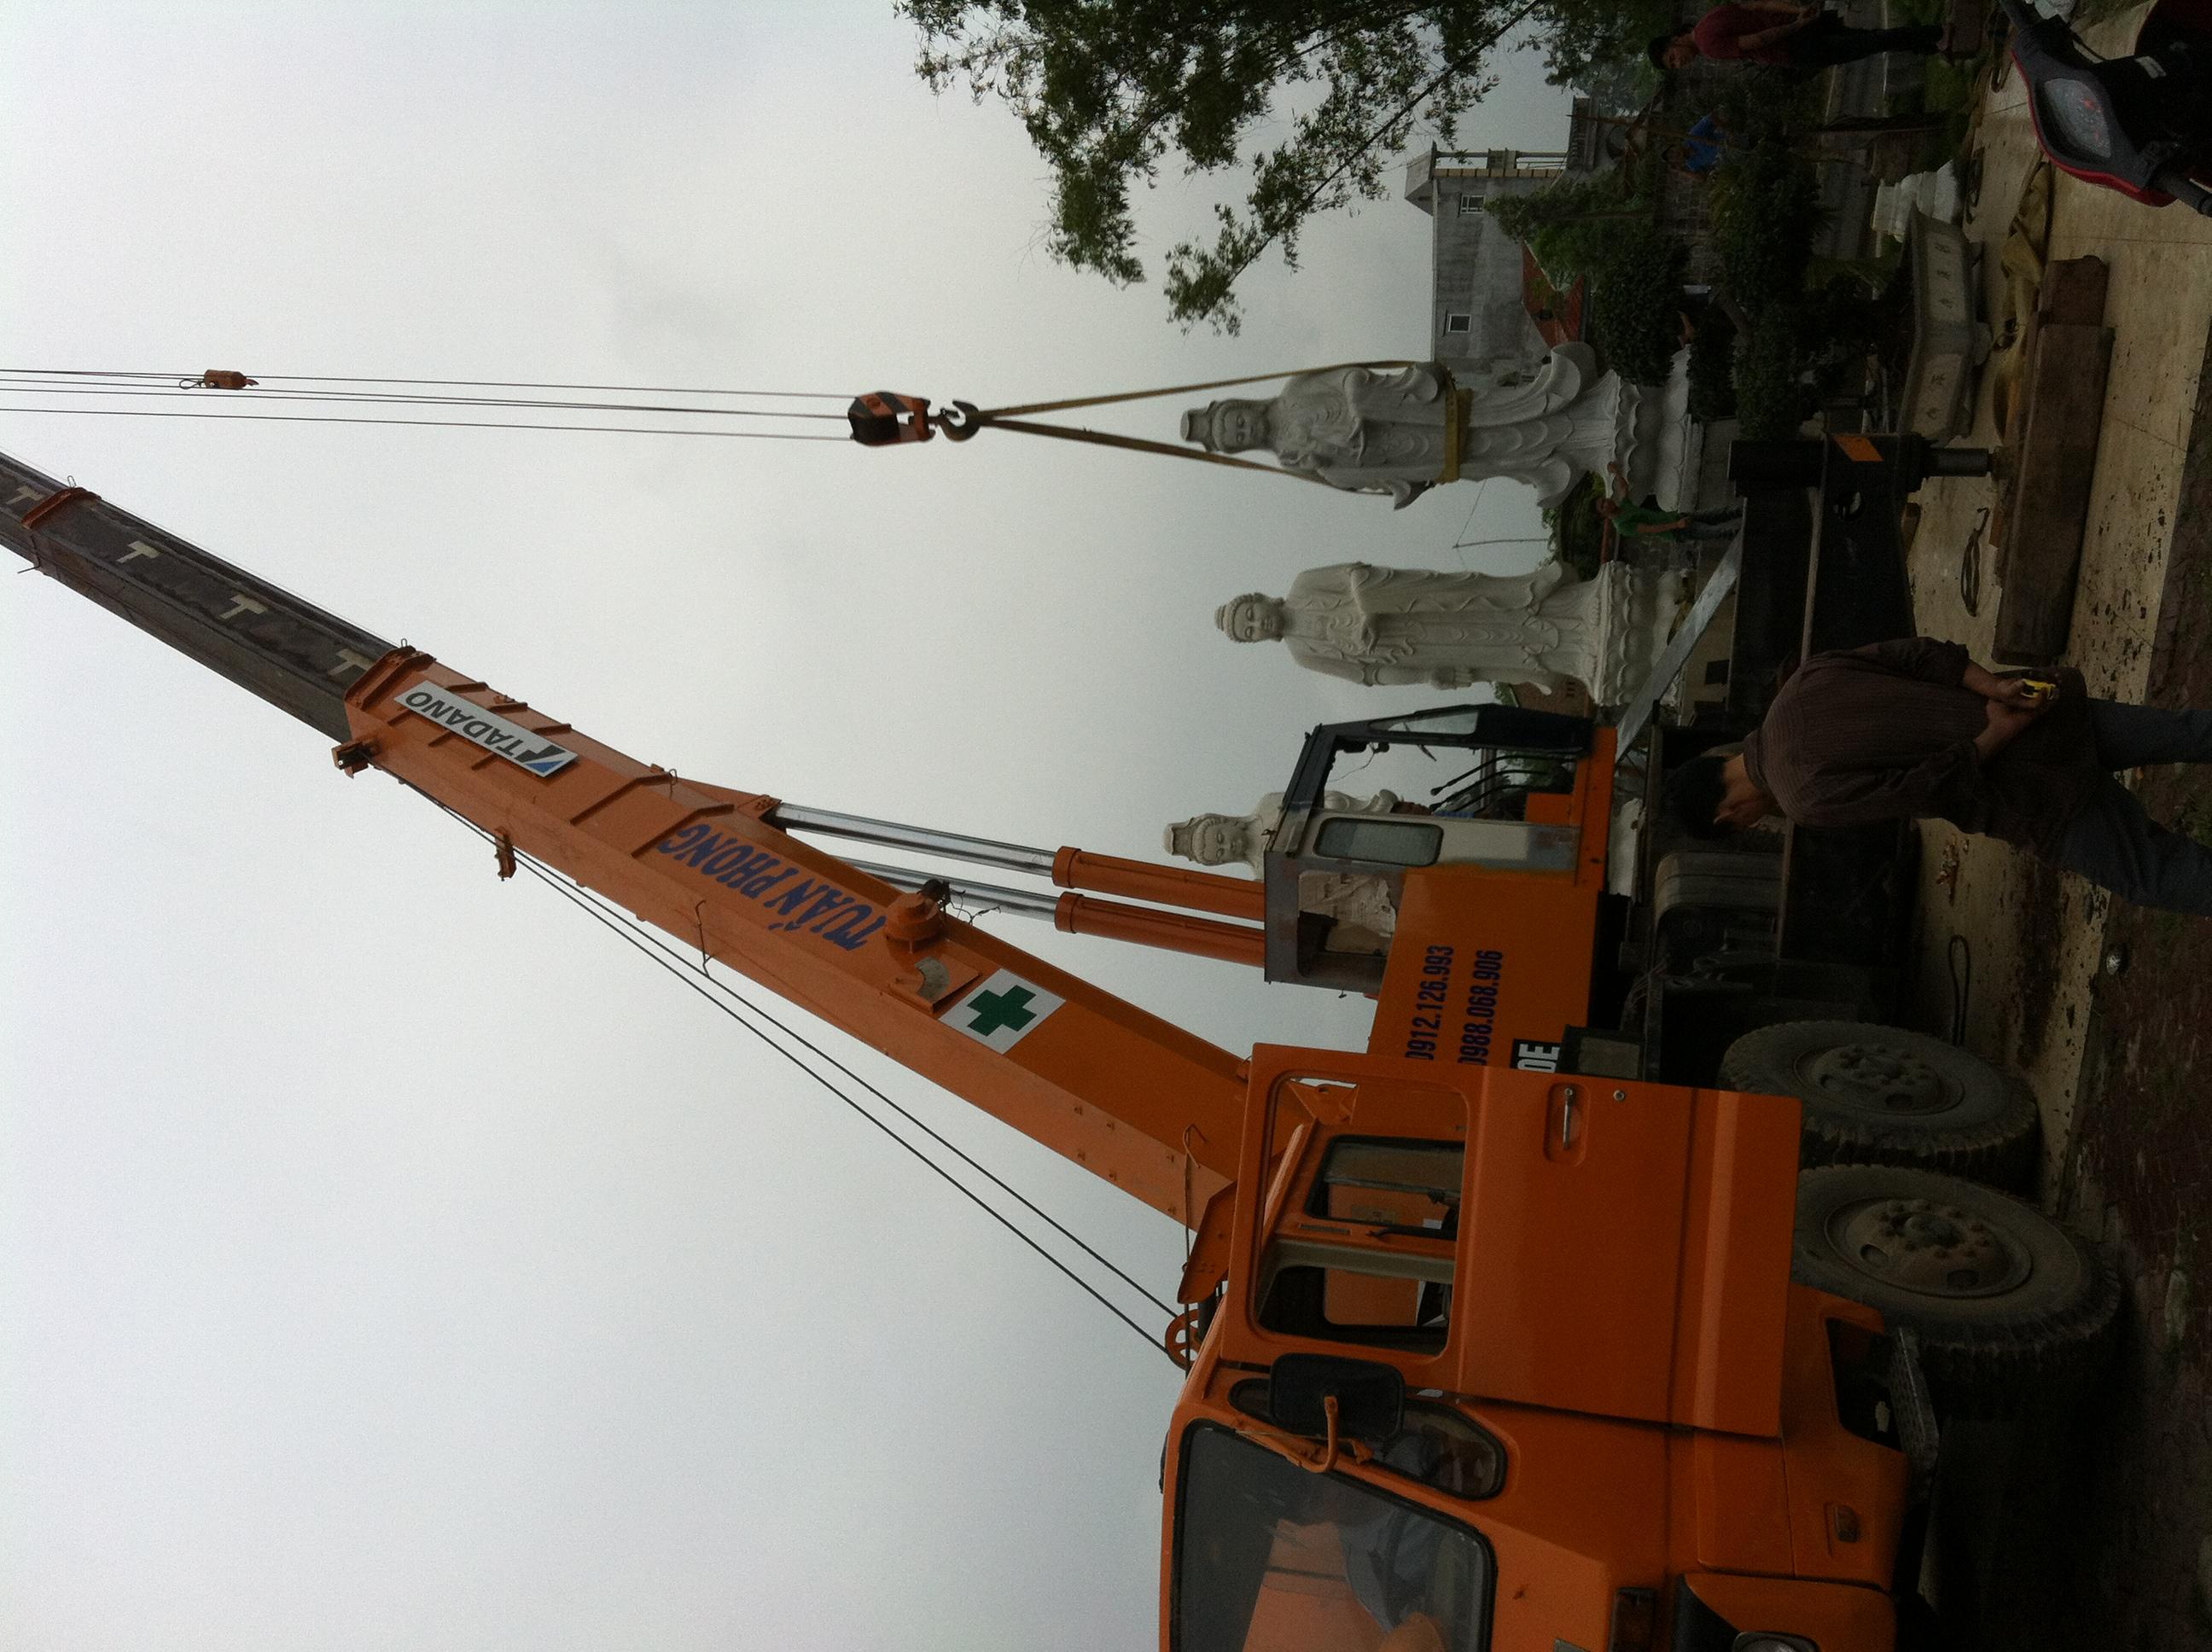 nhận cẩu hàng hóa lên các tòa nhà cao tầng 0912 126 993 xe cẩu lắp đặt kết cấu thép